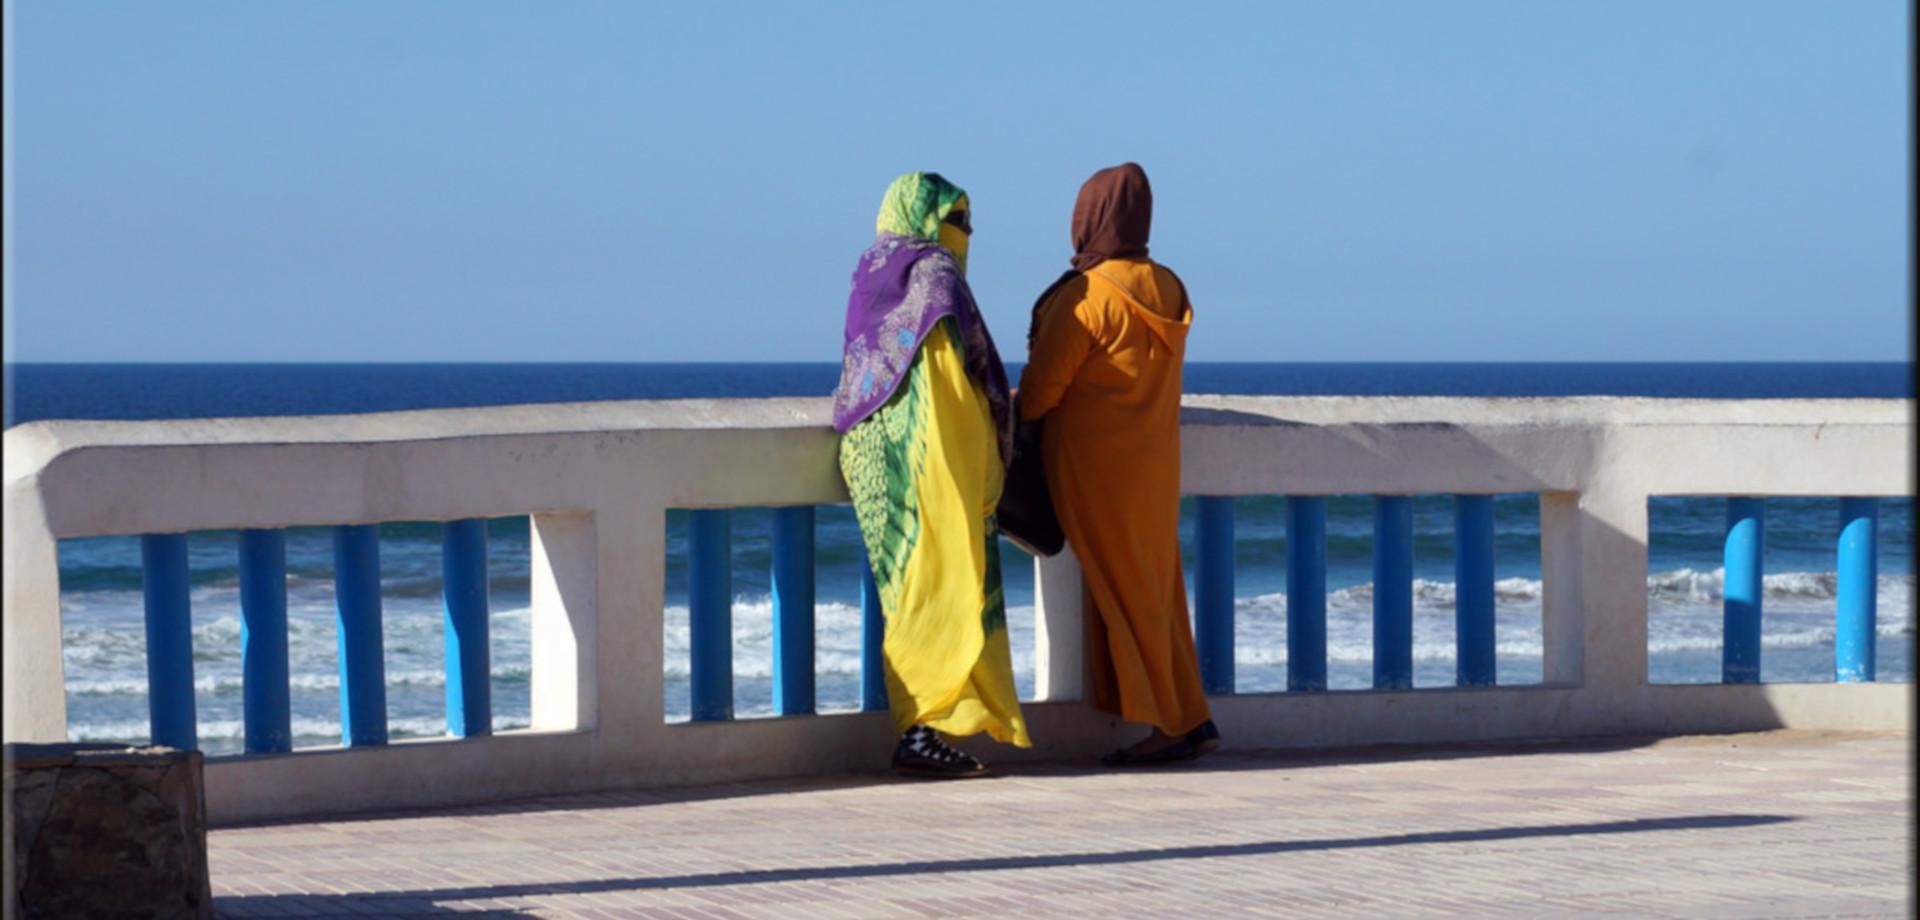 Σεξ και ψέματα Η σεξουαλική ζωή στο Μαρόκο